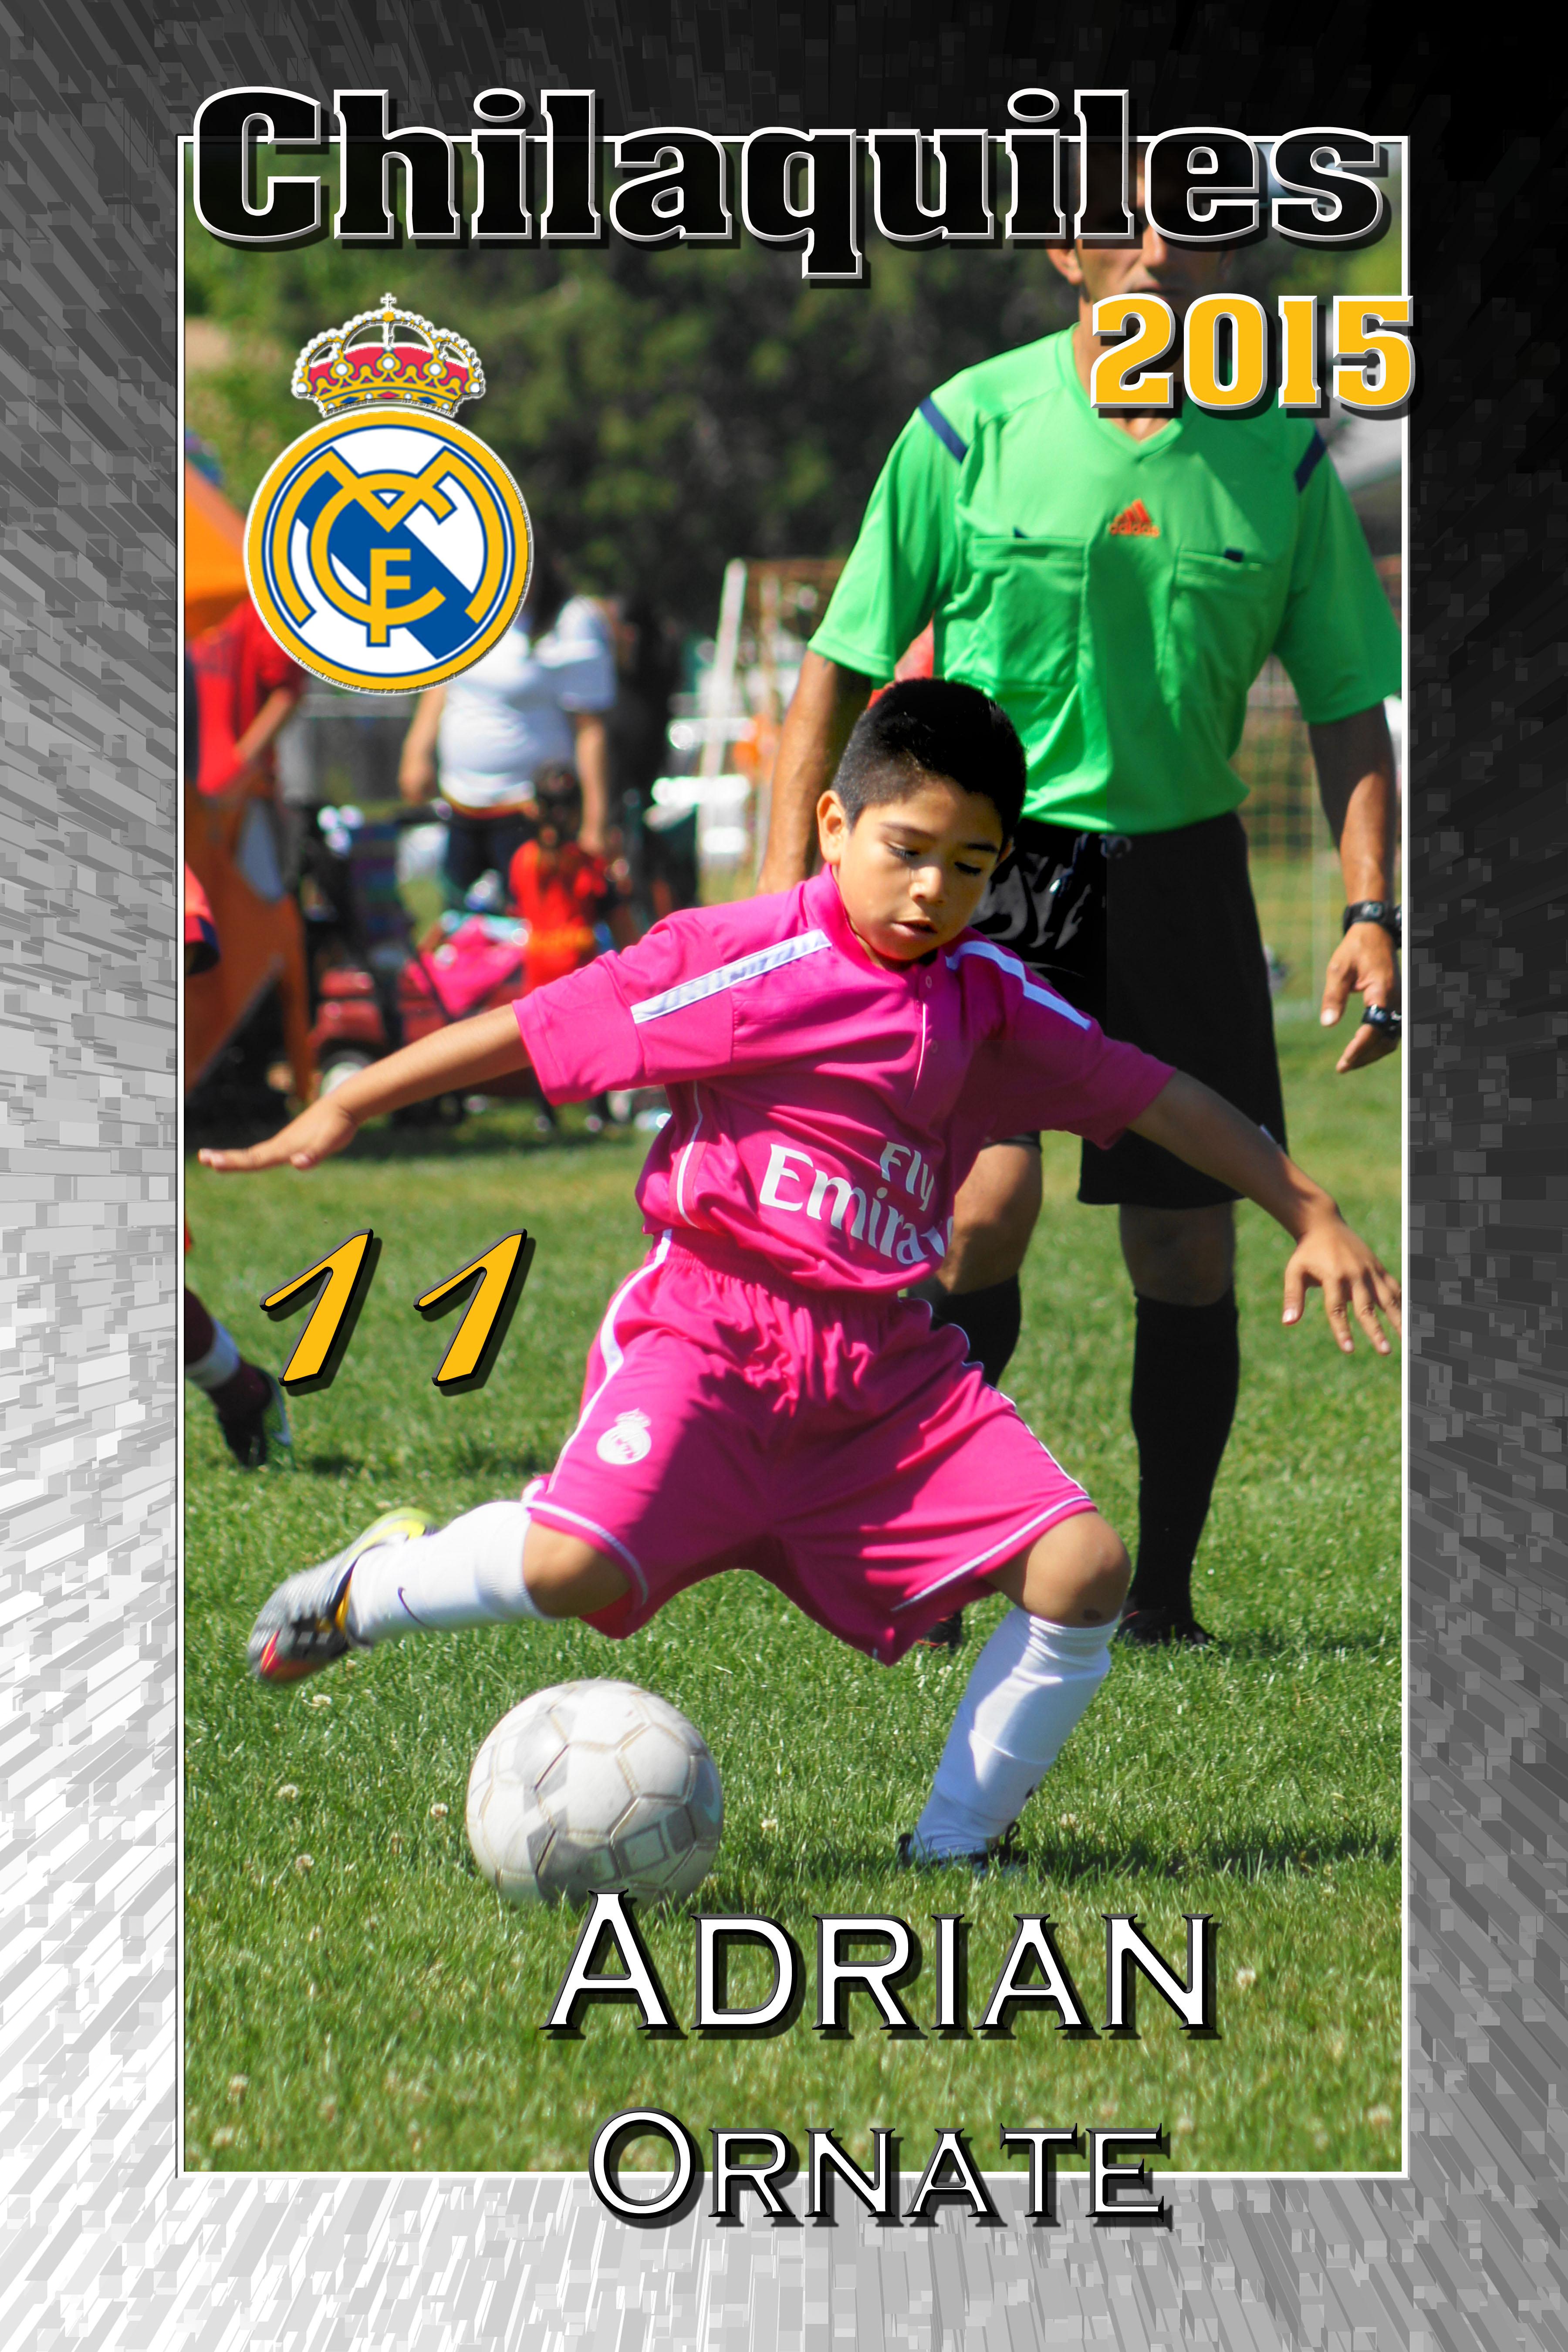 Adrian O 1.jpg